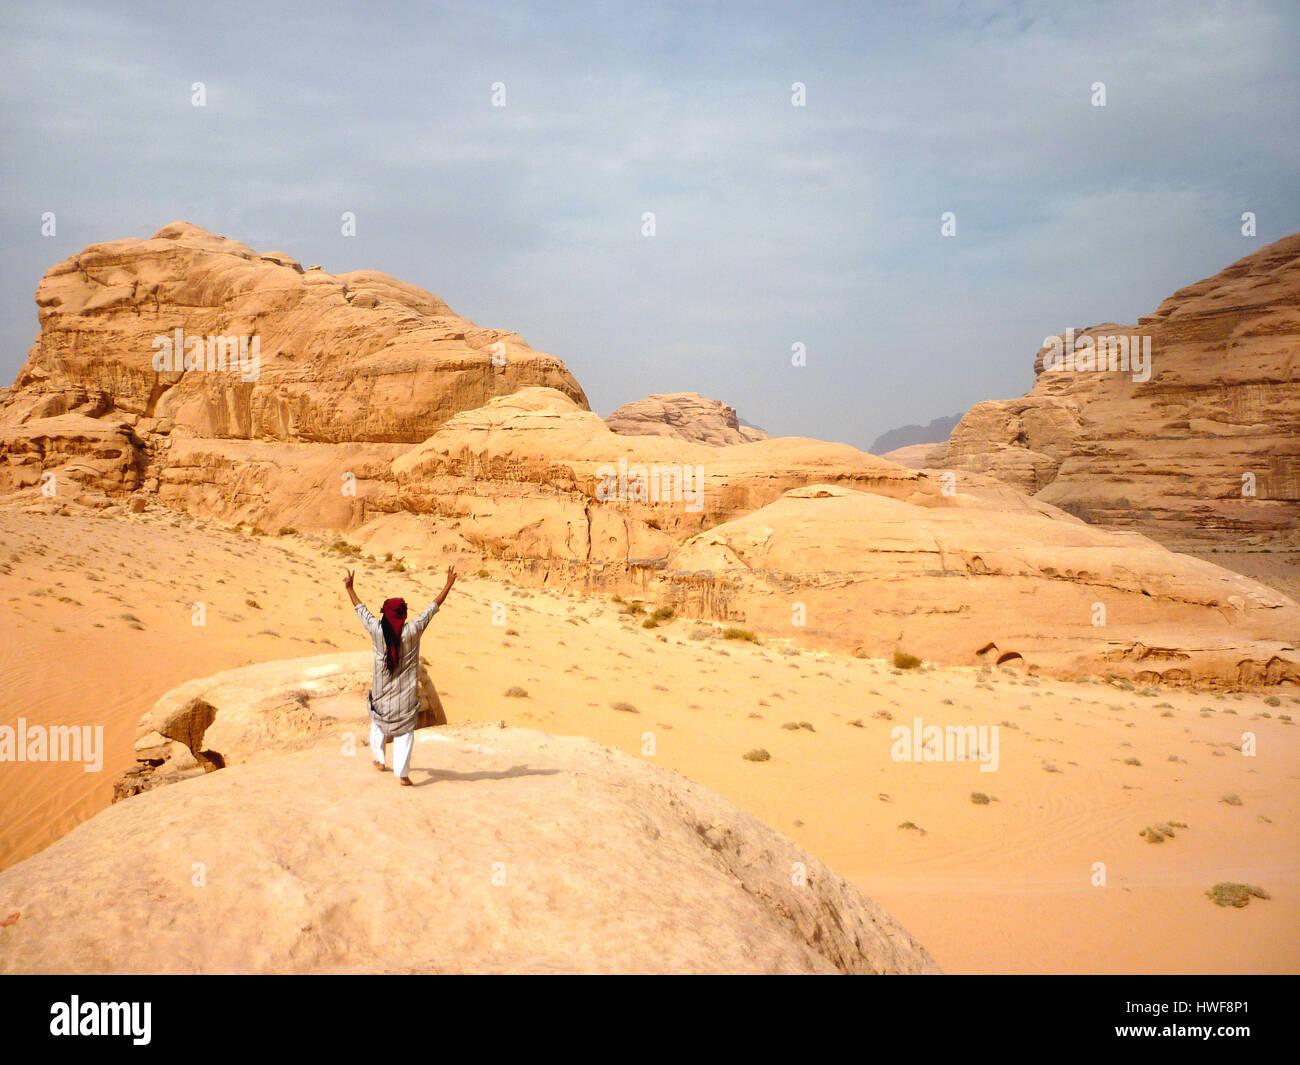 Los beduinos de pie sobre una roca en el desierto de Wadi Rum en Jordania Foto de stock